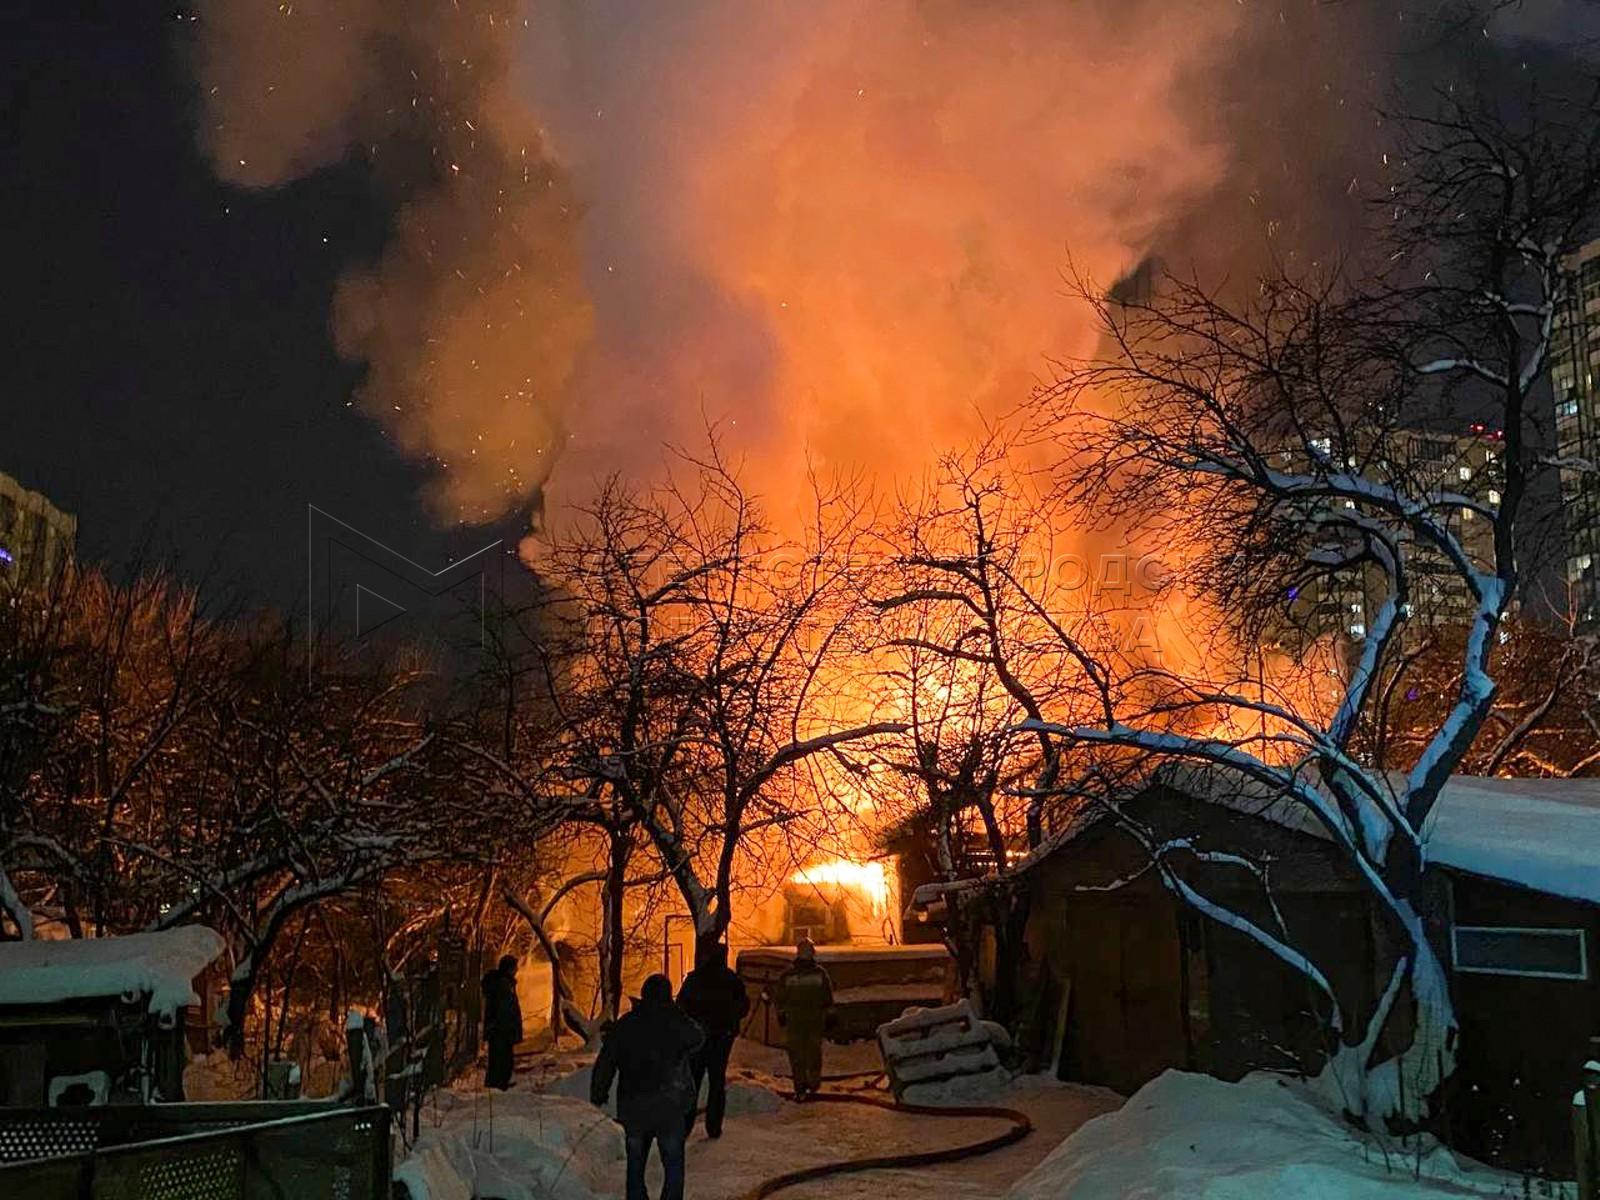 Пожарные расчеты на месте возгорания жилого дома в частном секторе на бульваре Космонавтов в Красногорске.